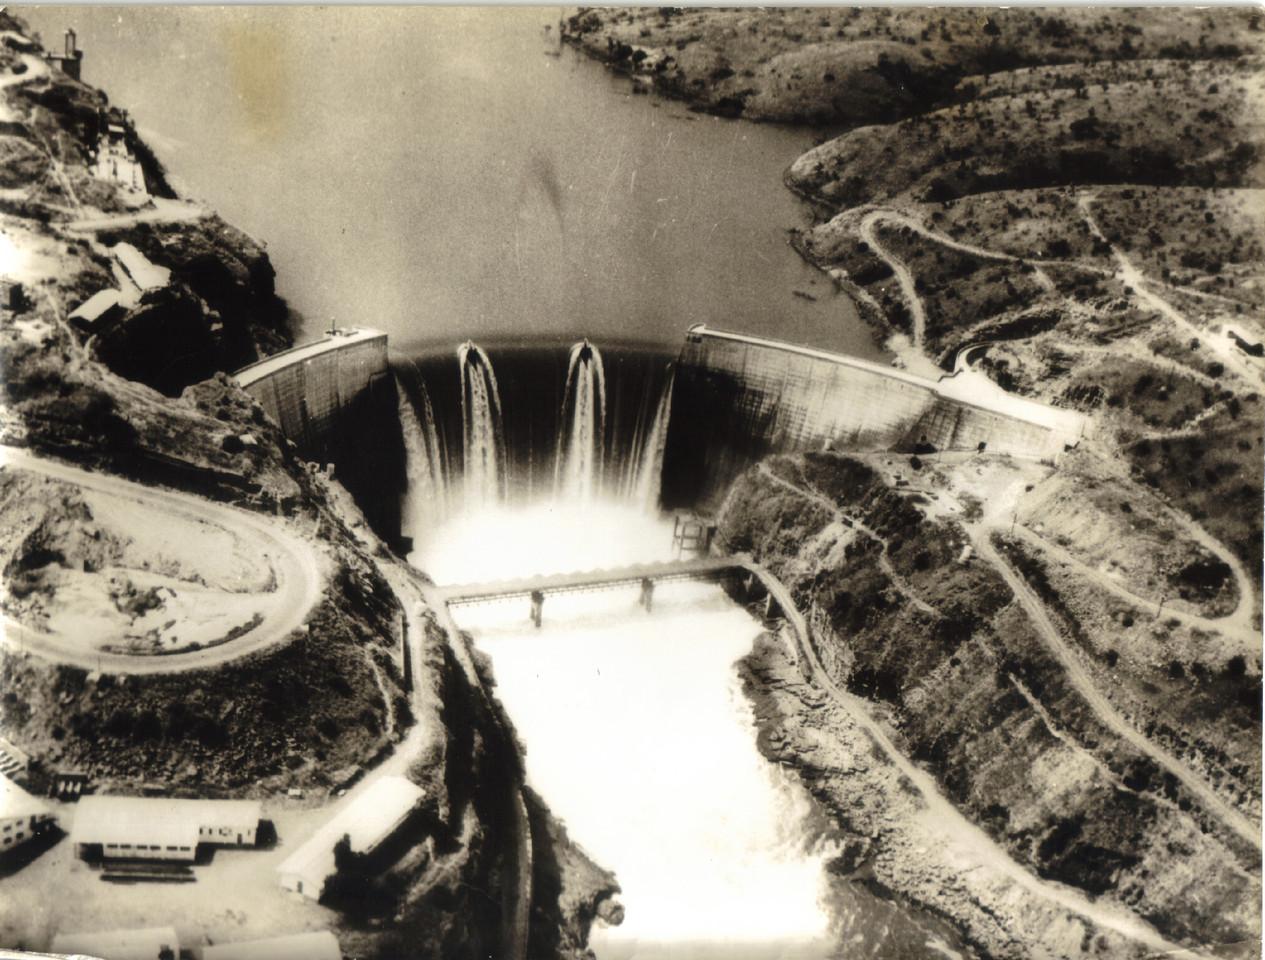 Barragem de Cambambo, Angola, c. 1969. A. n/ ident., S.E.I.T., n.º 335627, cx. 448, env. 8.